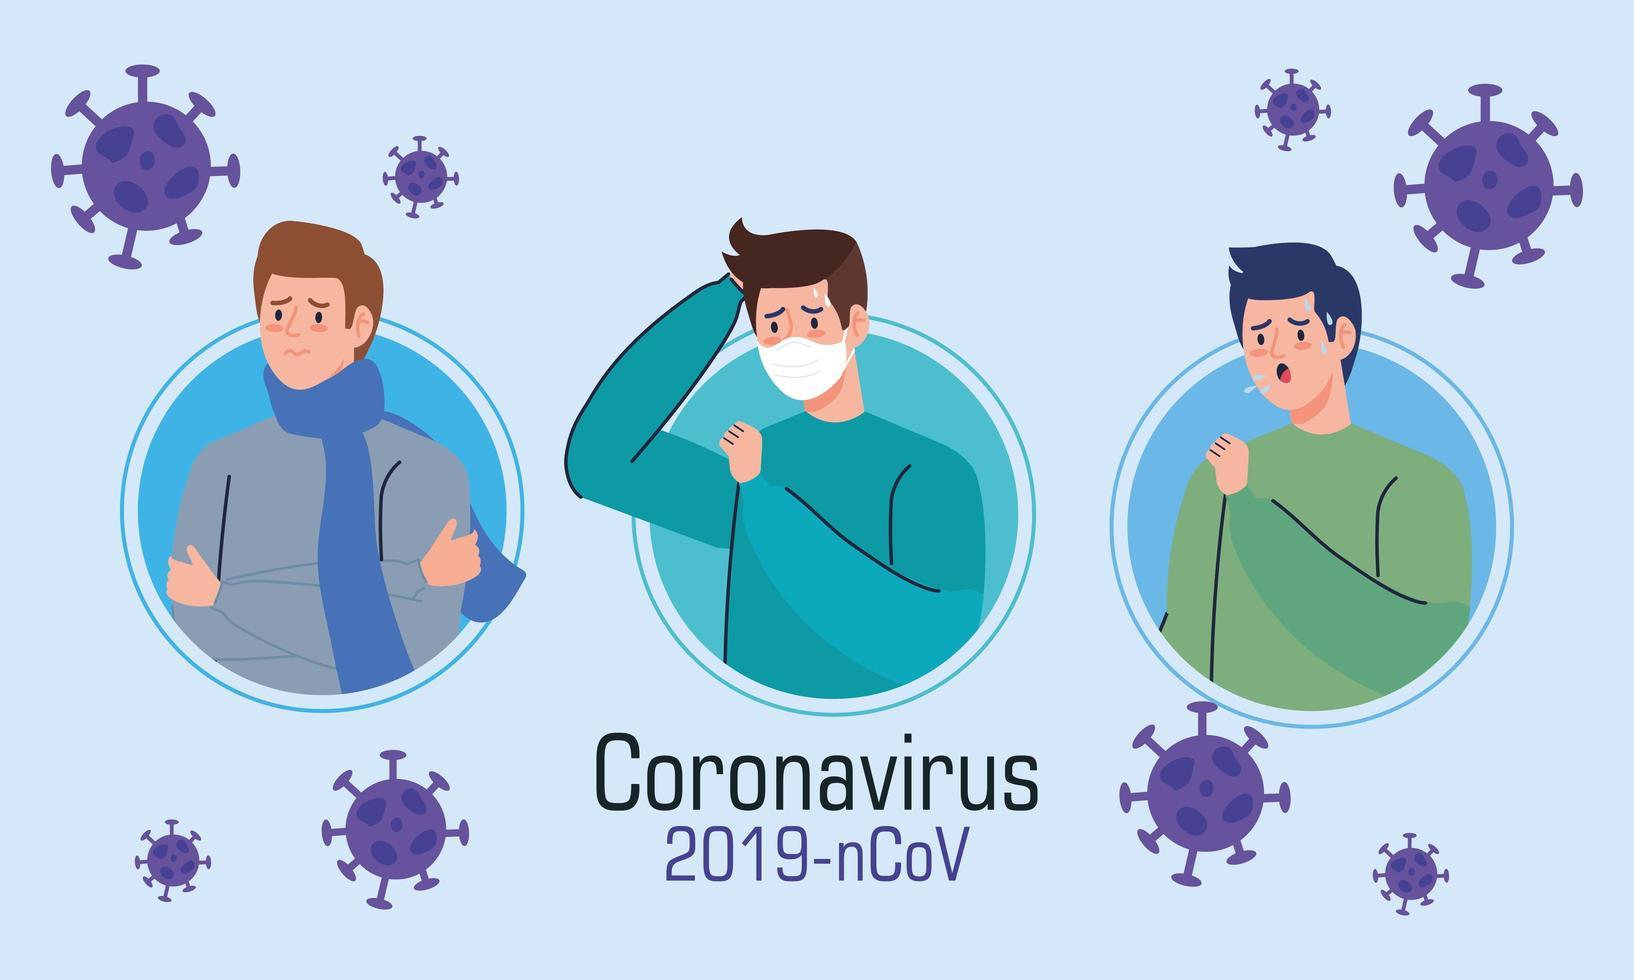 män med coronavirus symptom banner vektor